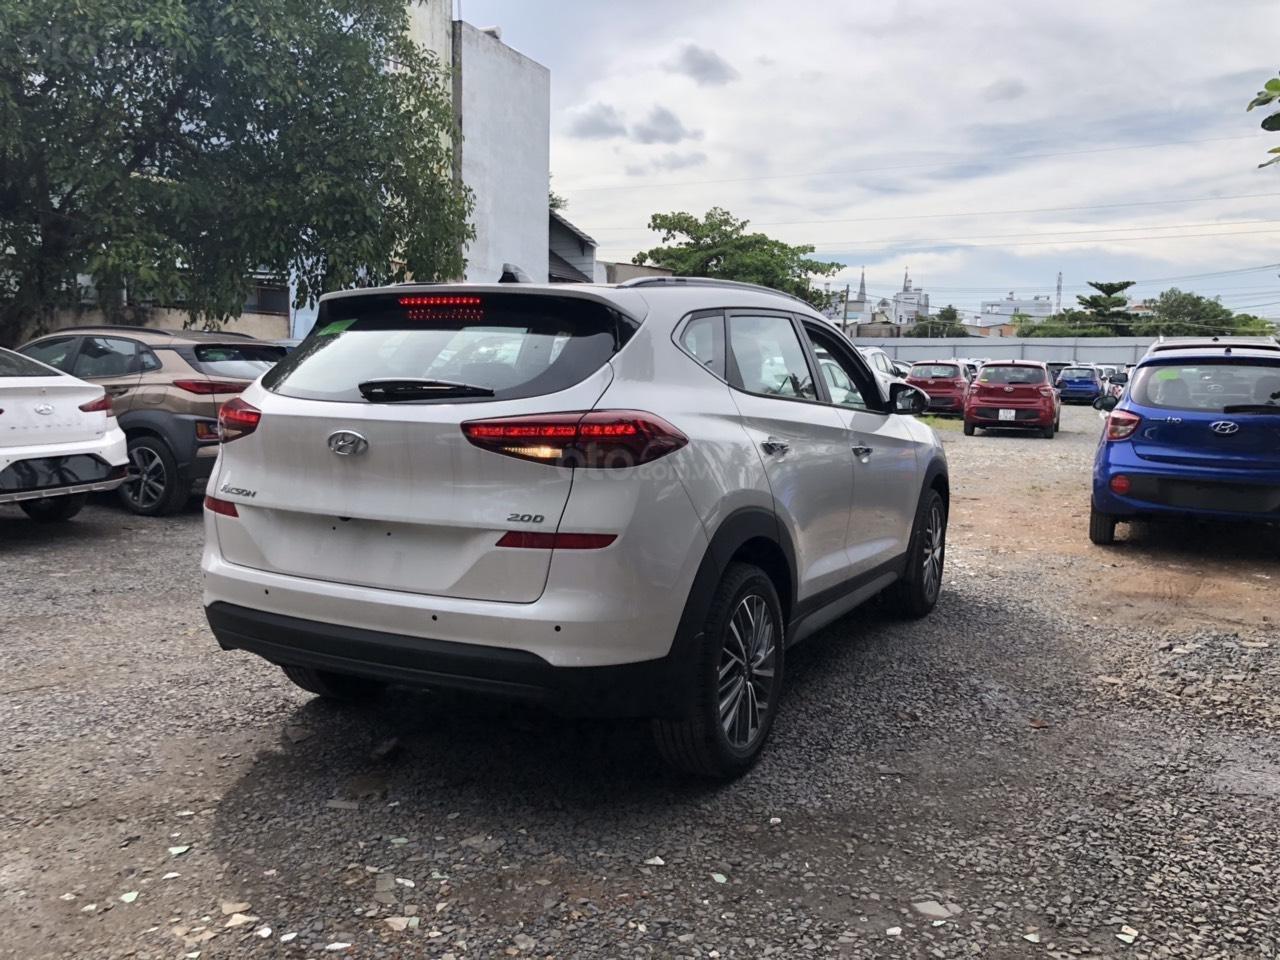 Cần bán xe Tucson 2.0AT đặc biệt 2019, giá 858 triệu đồng (3)